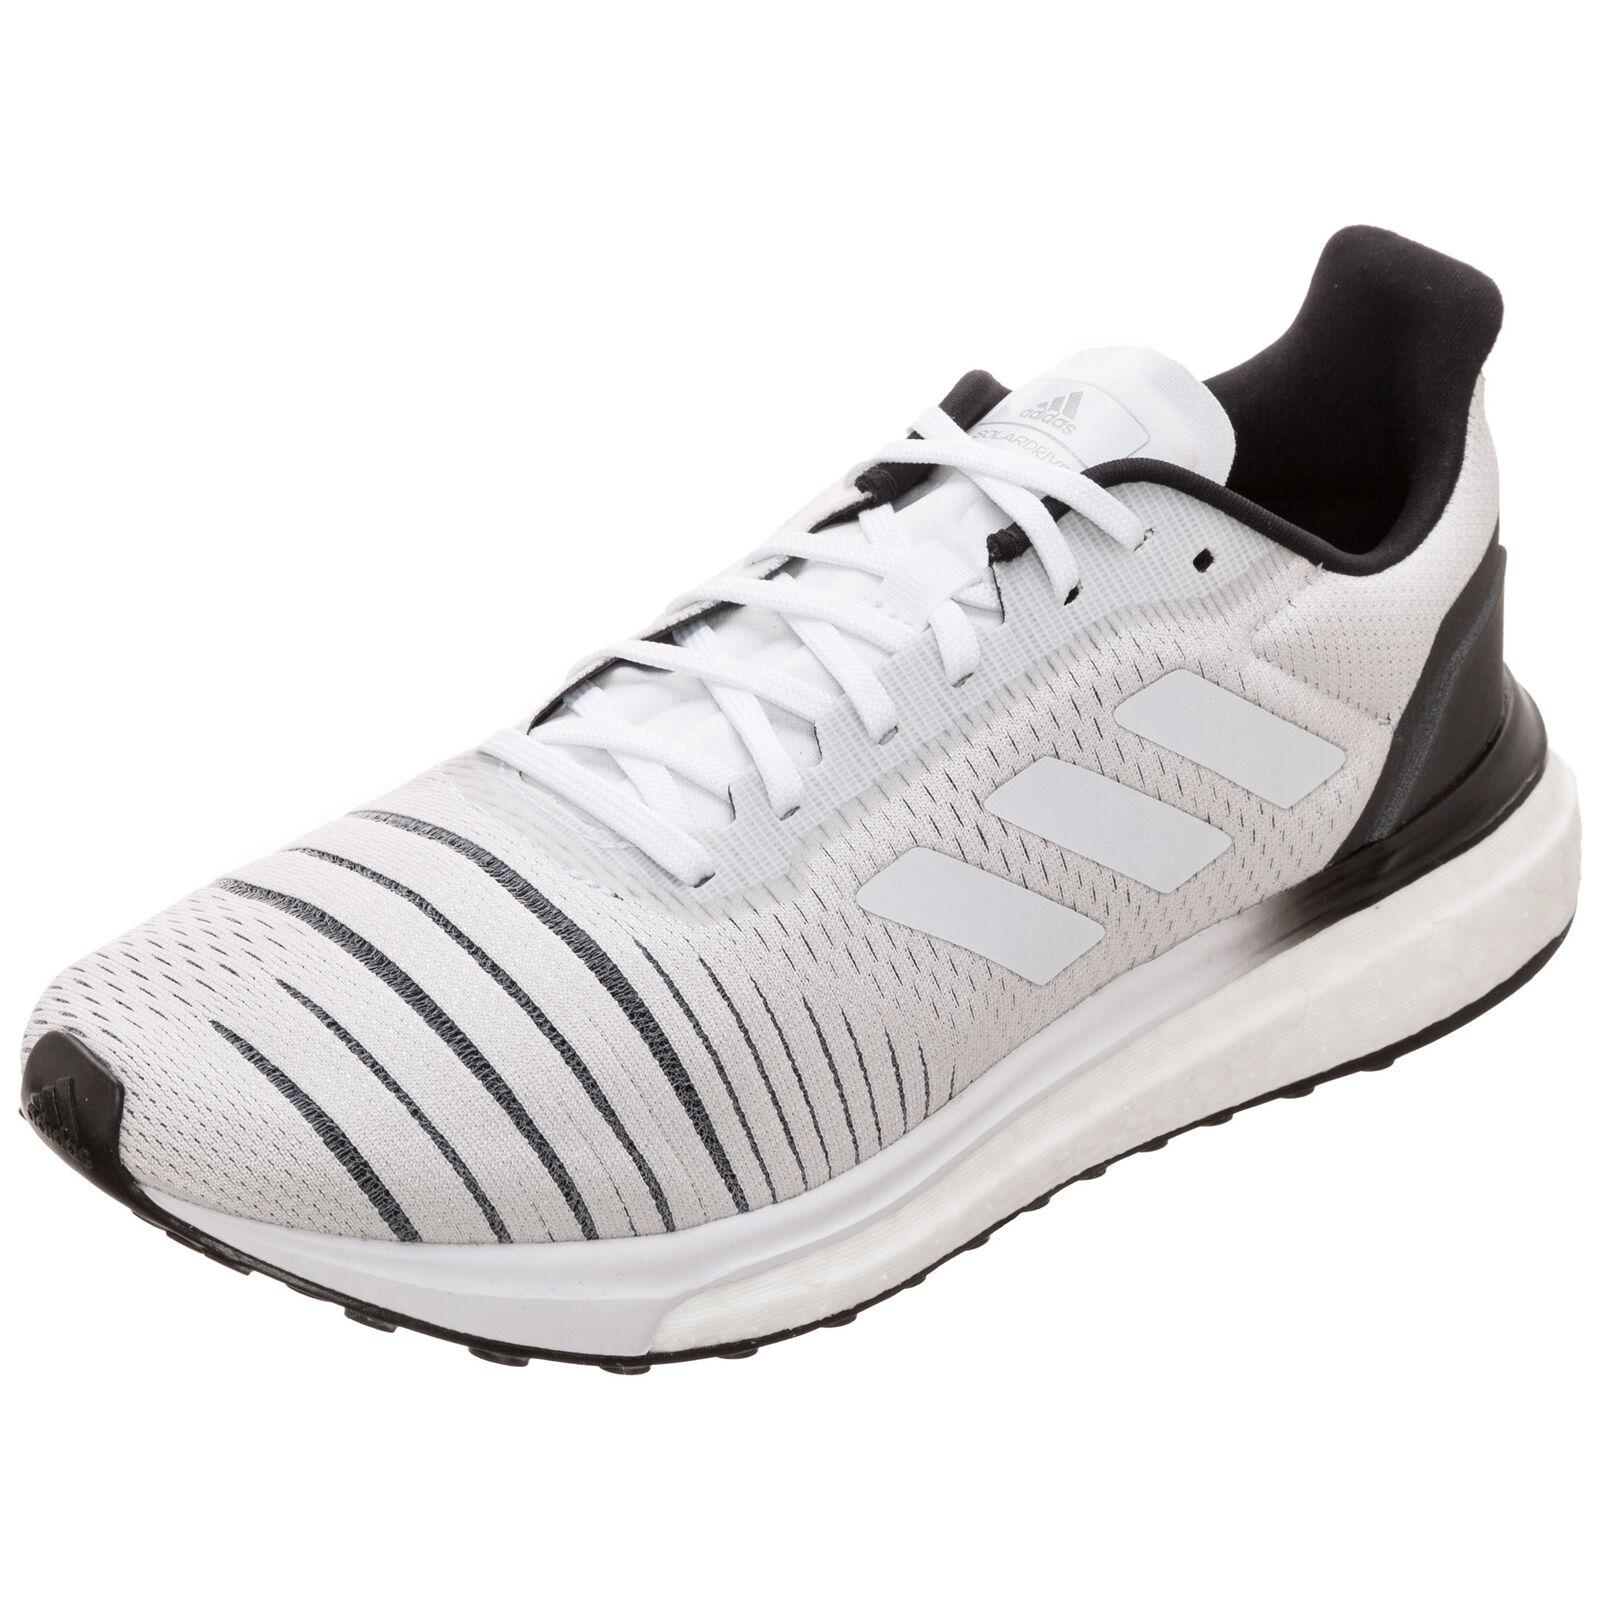 Adidas Adidas Adidas Performance Solar Drive Laufschuh Damen Weiß NEU 99930b